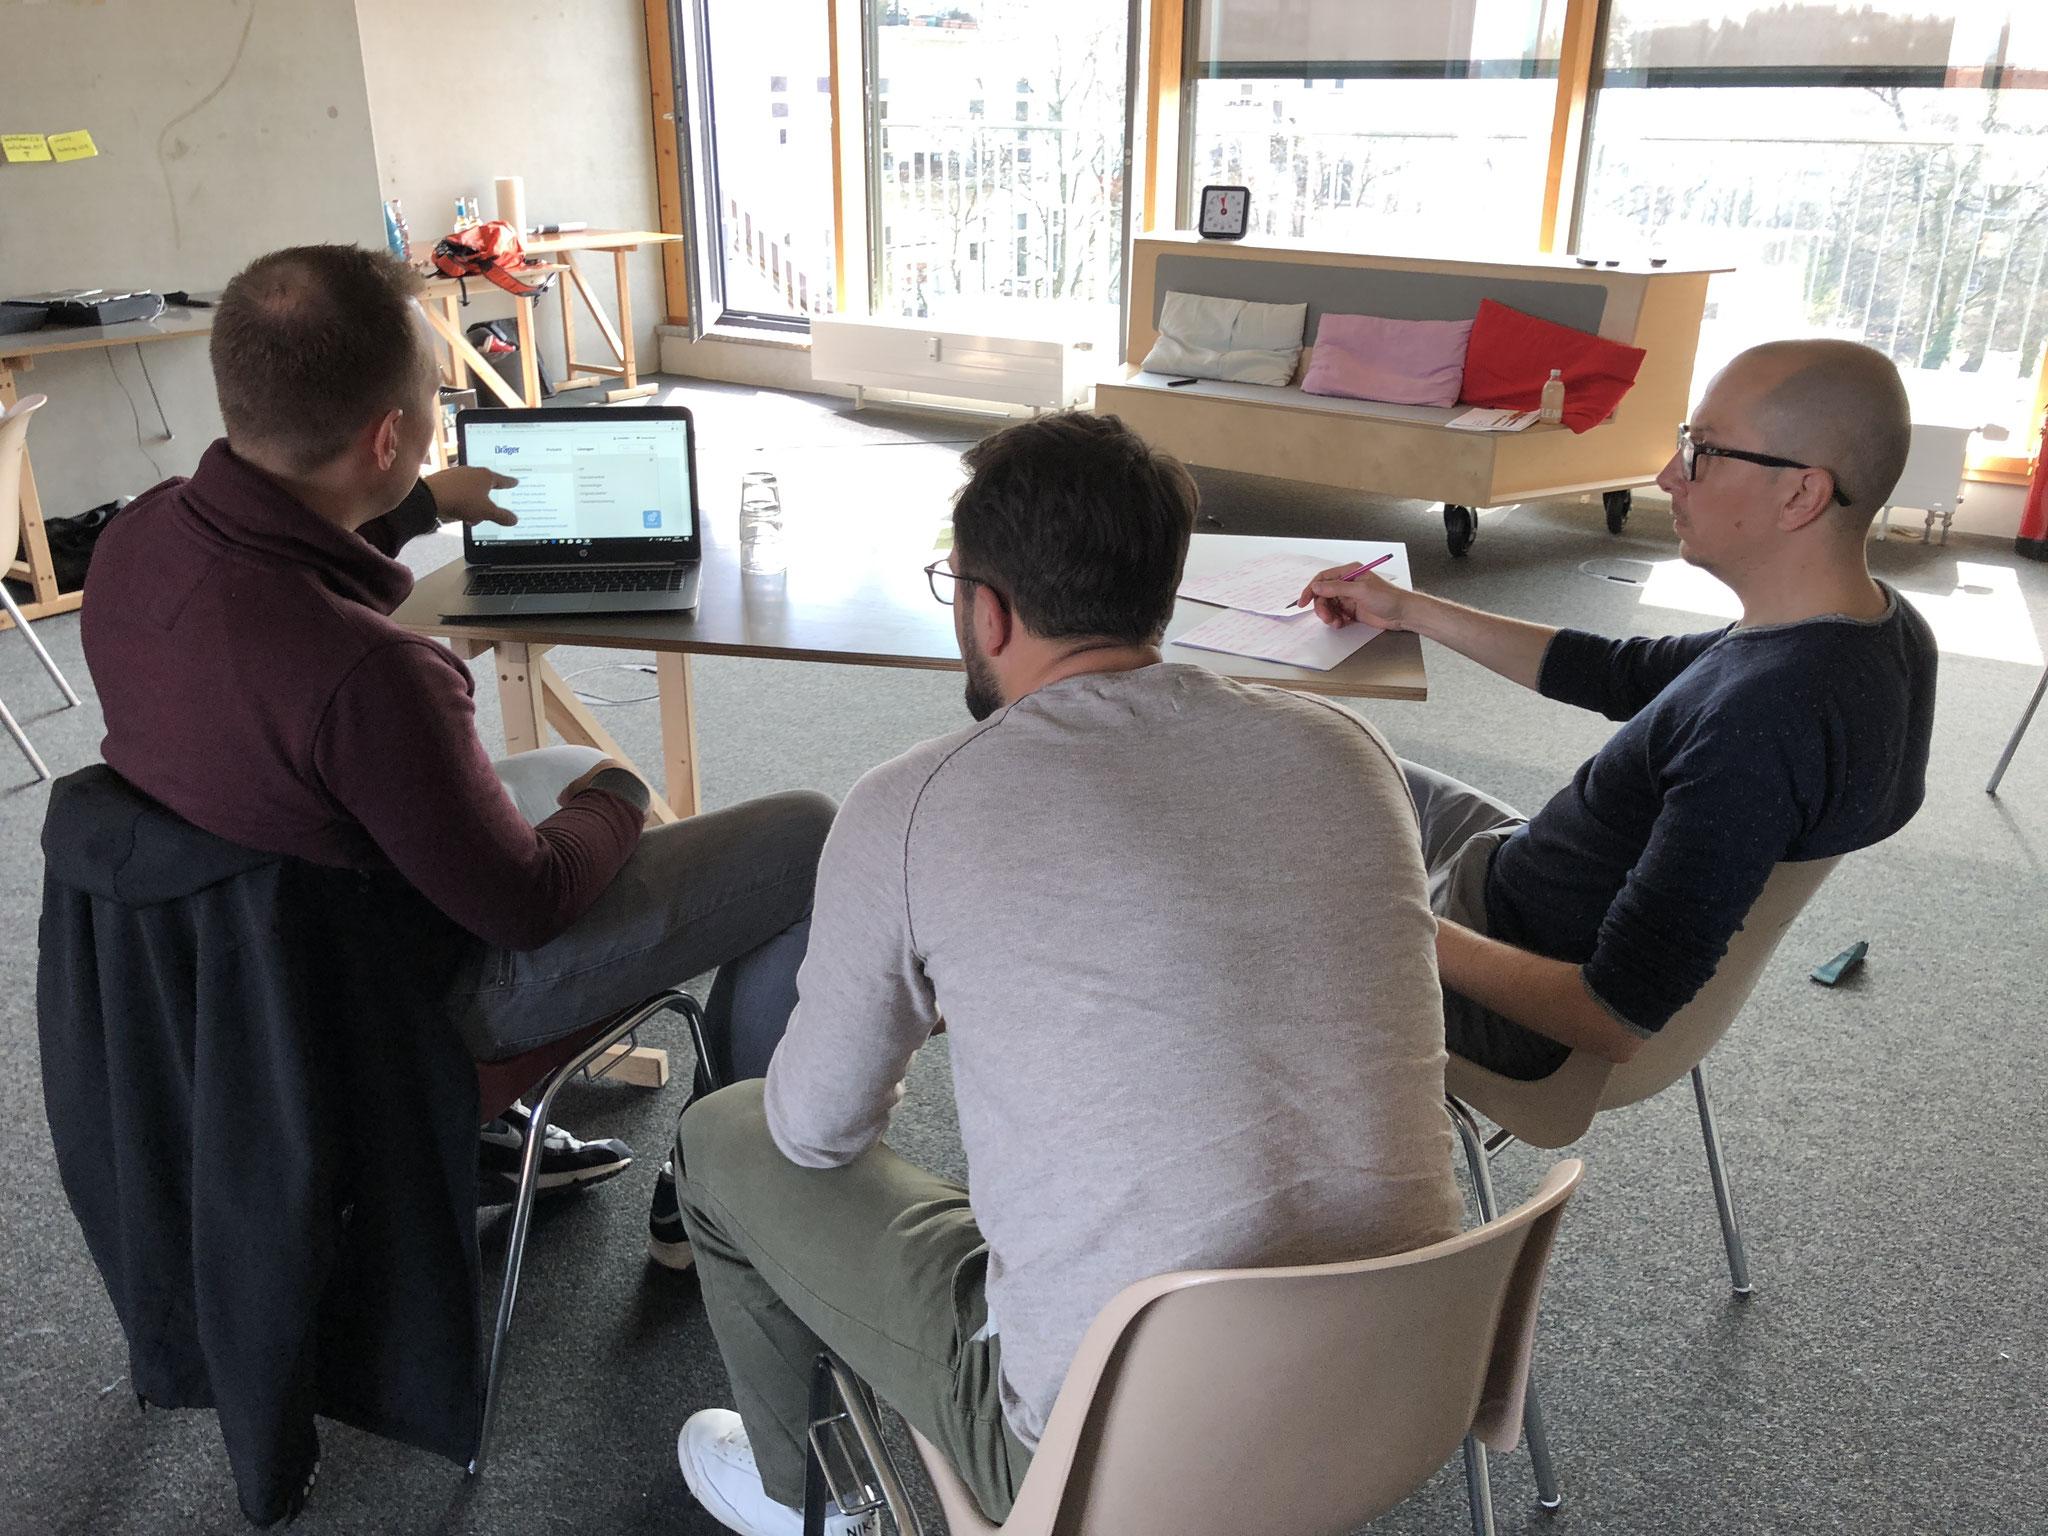 Am Ende des dritten InnovationStarter Workshoptages werden die Lösungsansätze durch Tests mit Nutzern validiert.